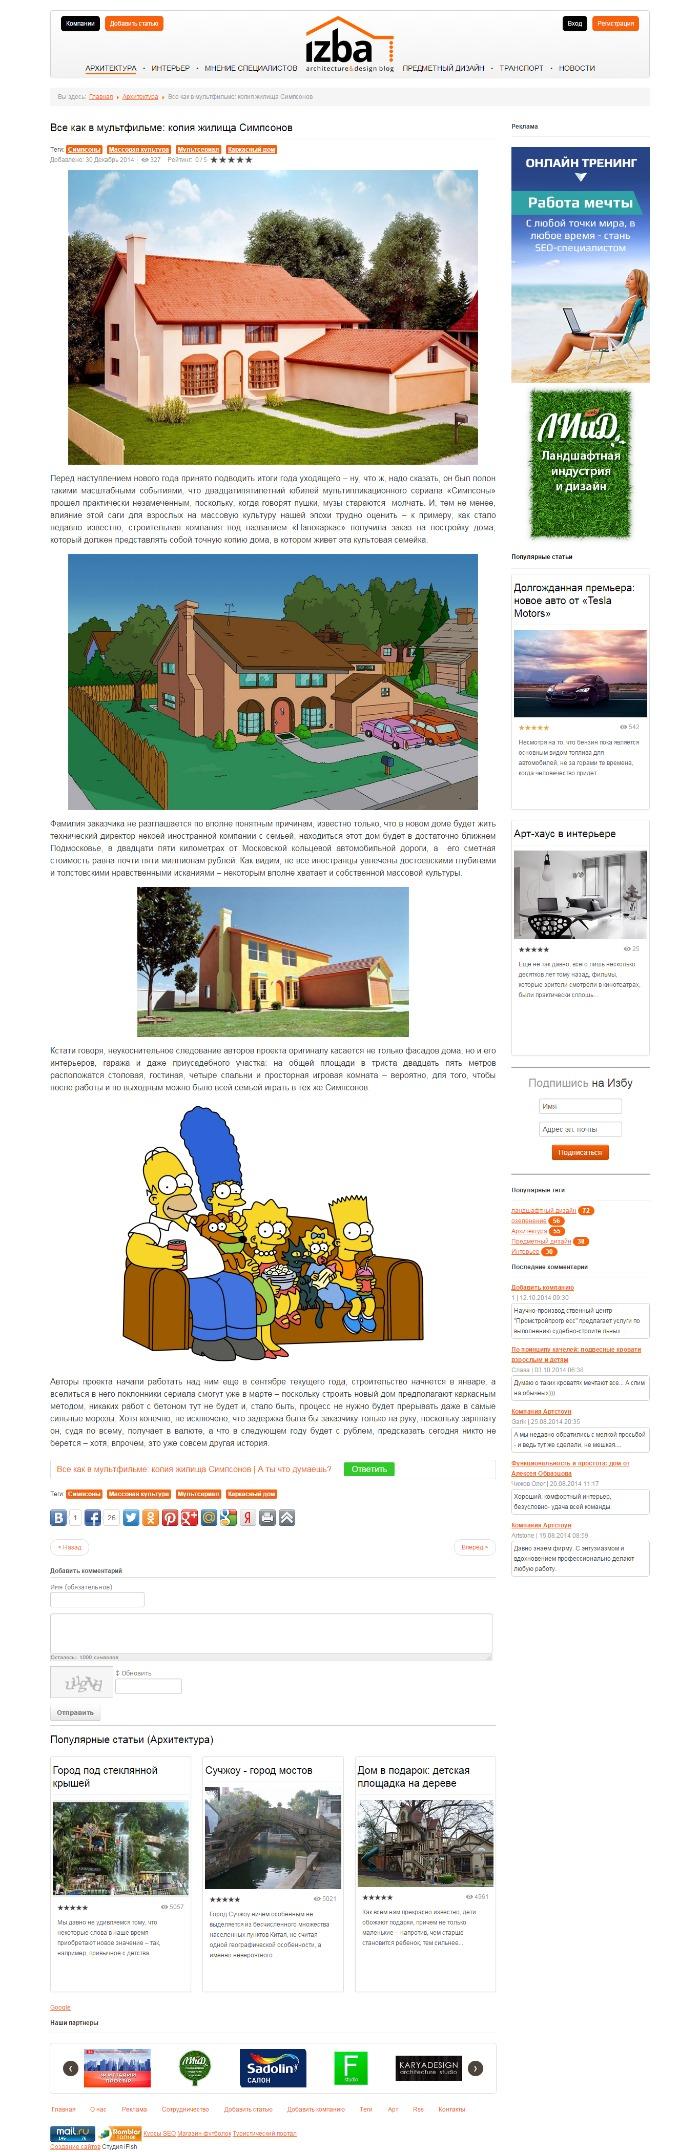 копия жилища симпсонов